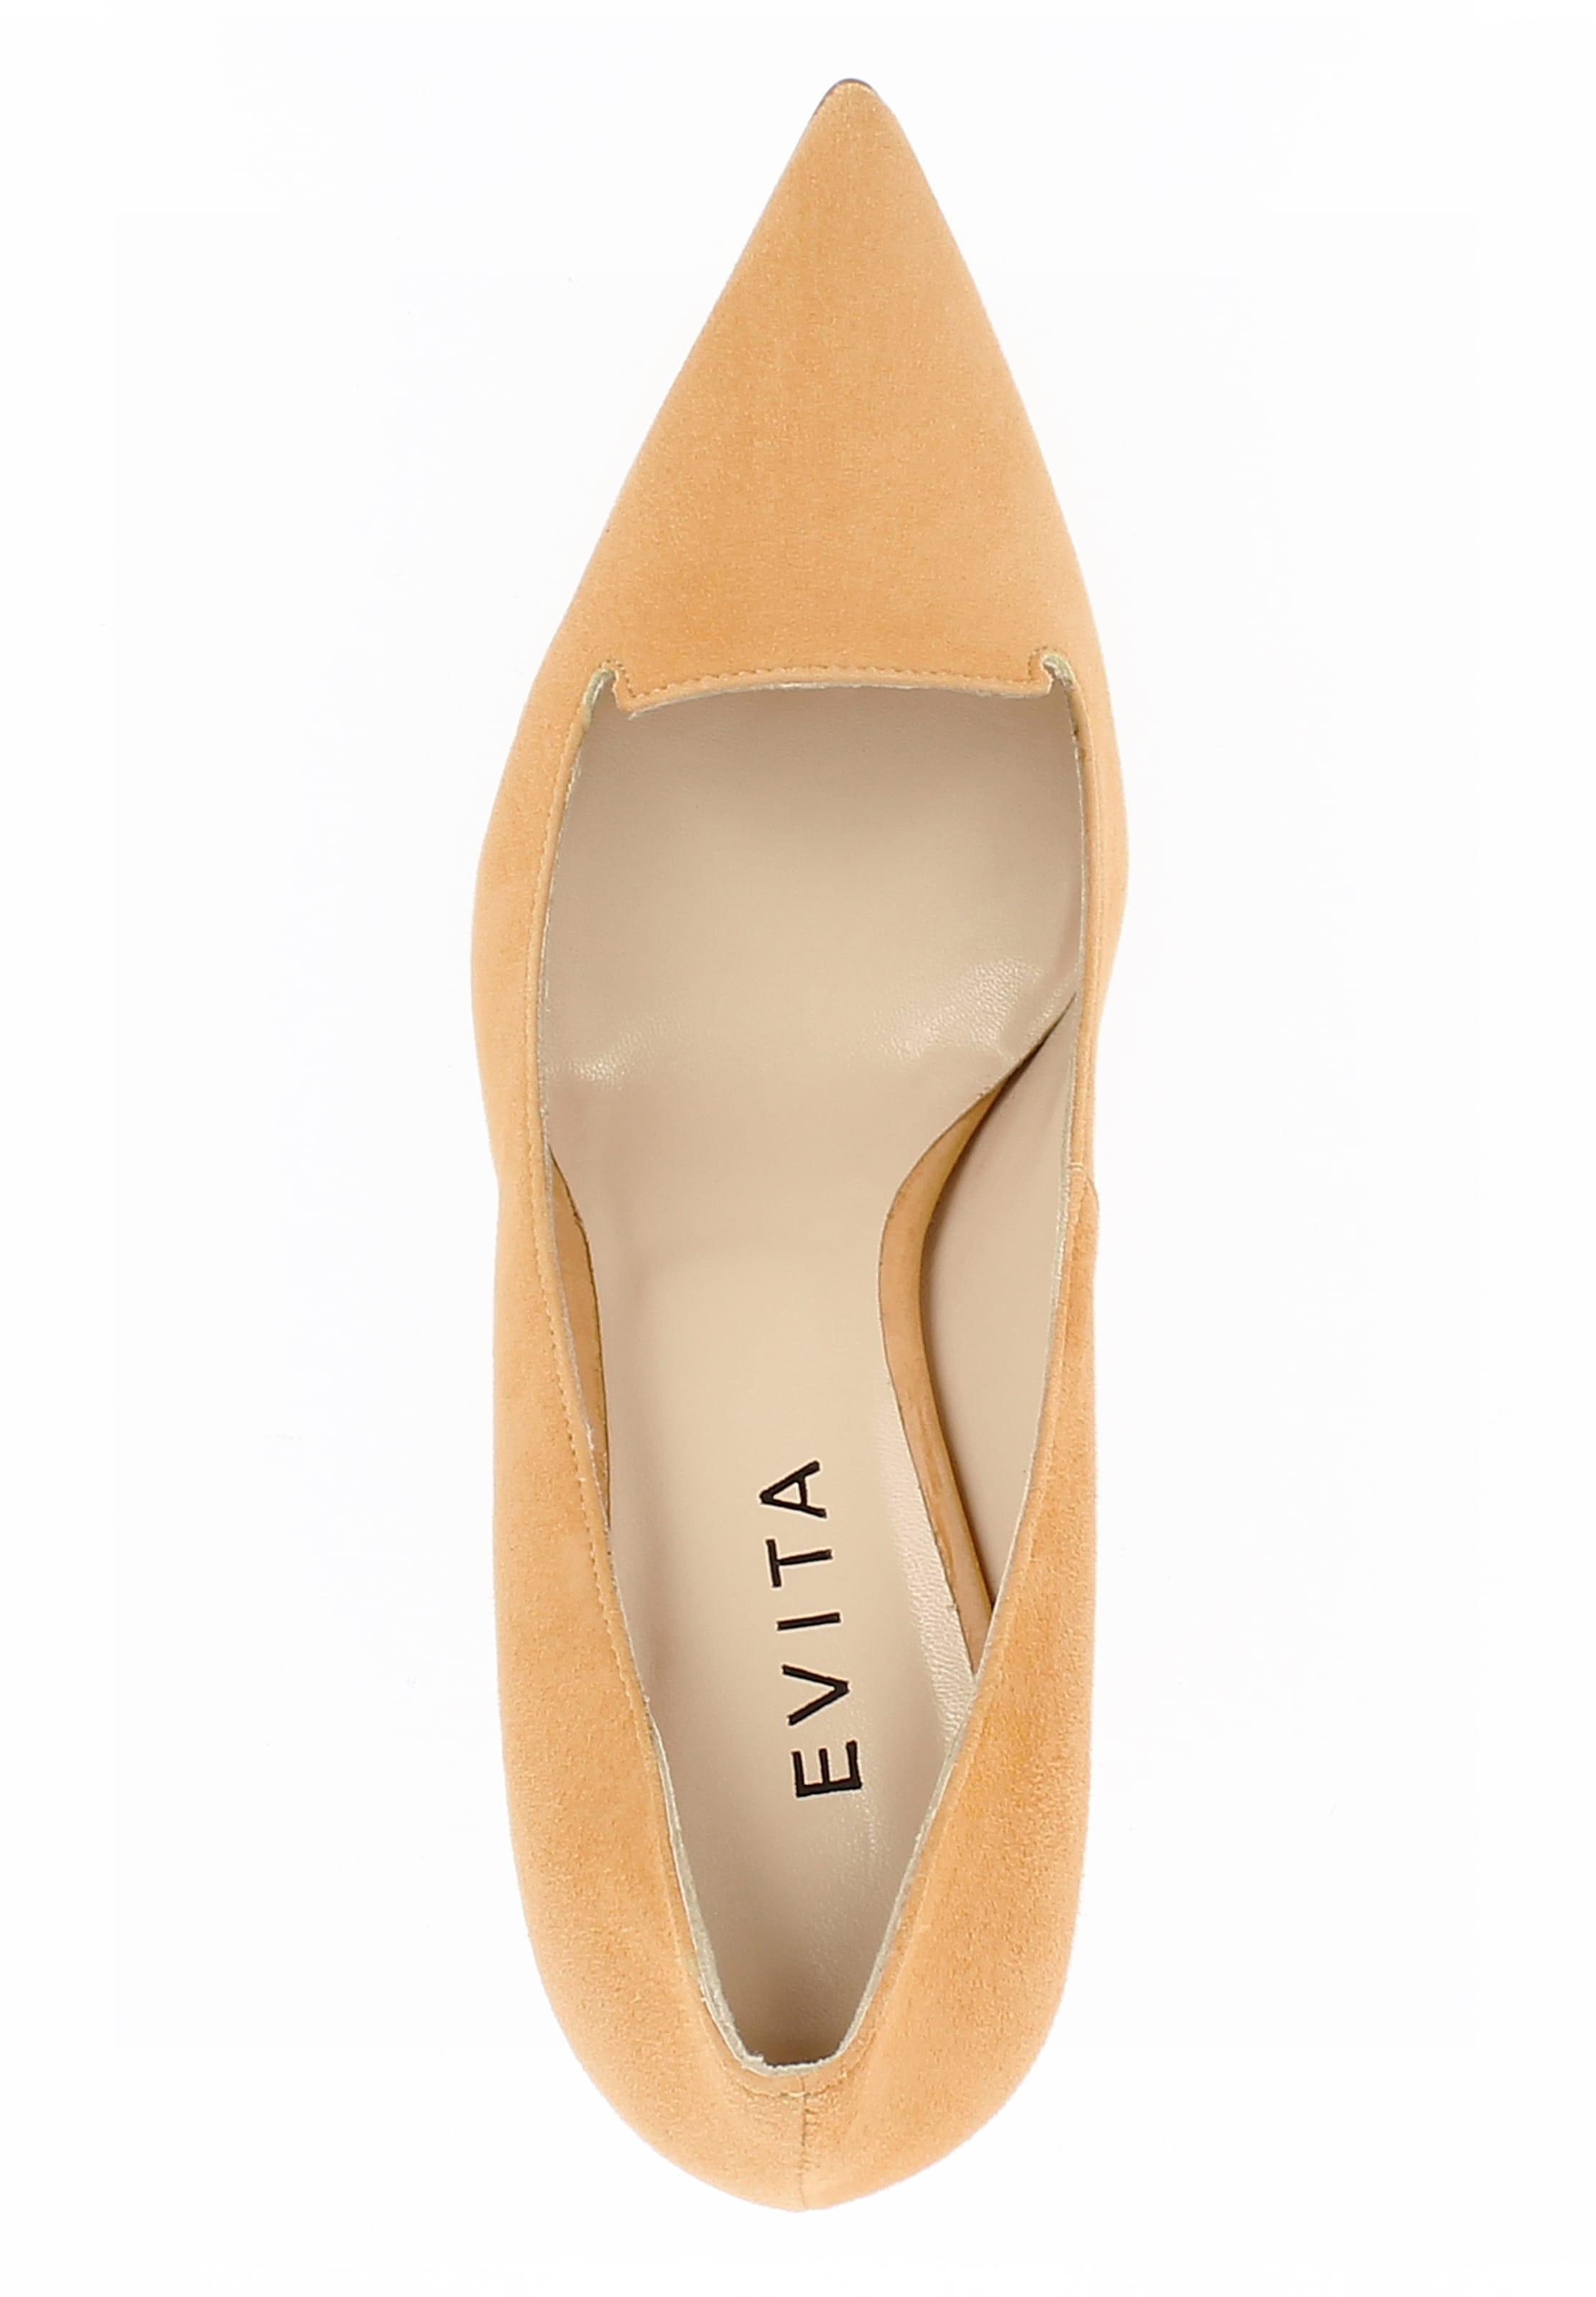 Escarpins 'jessica' Evita Orange Orange Evita 'jessica' Escarpins En Escarpins 'jessica' Evita En 4ALR5j